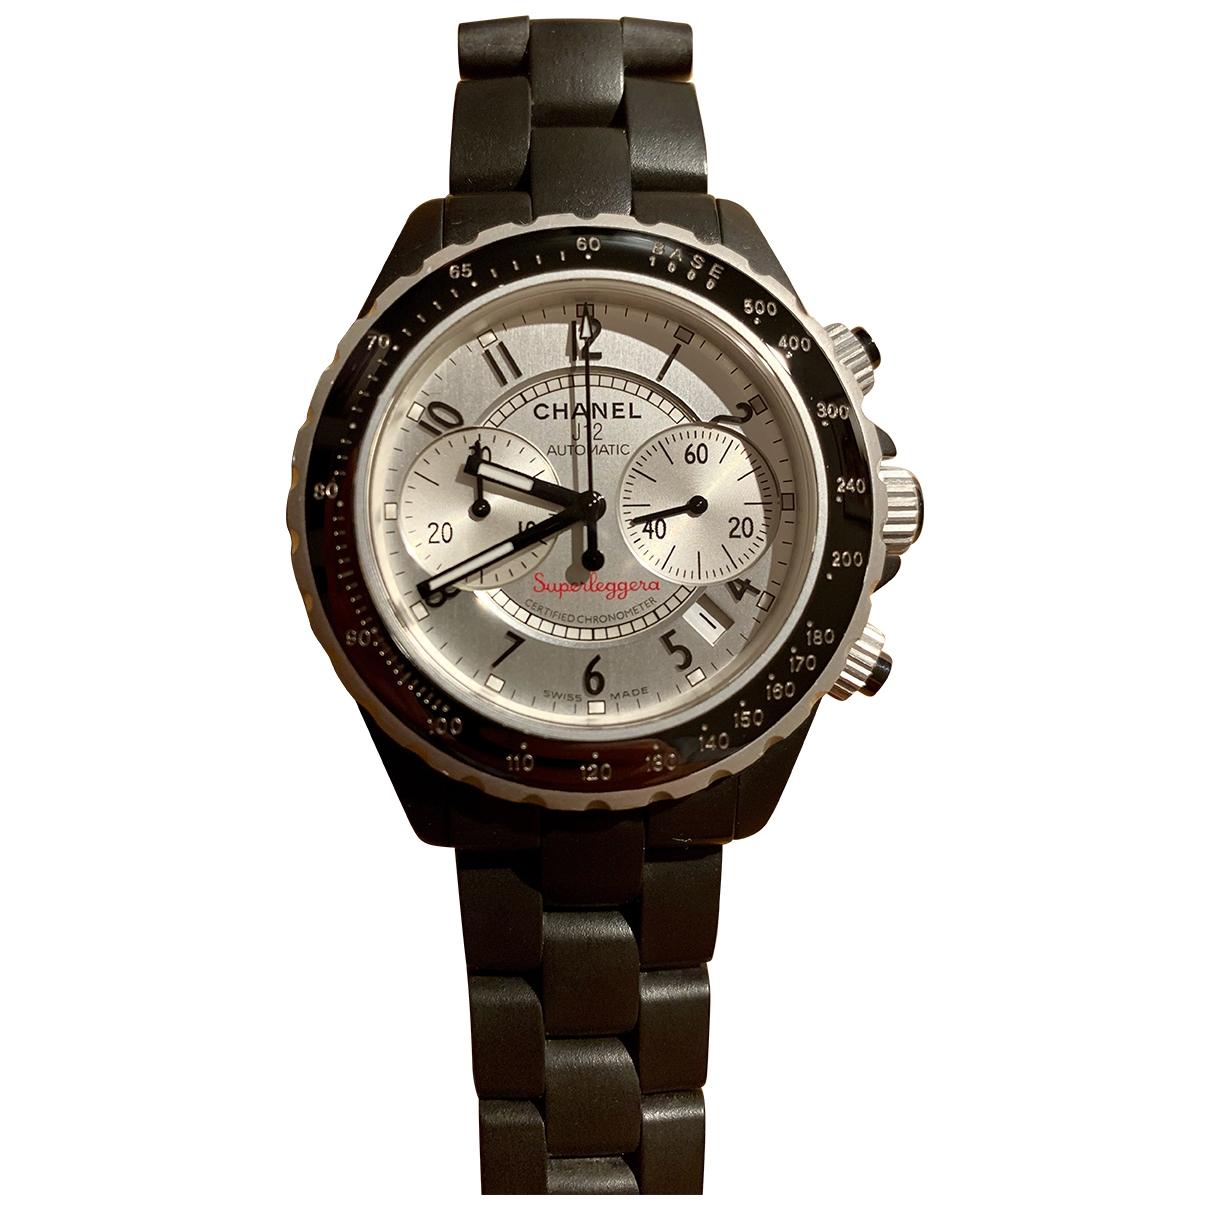 Relojes J12 Automatique Chanel